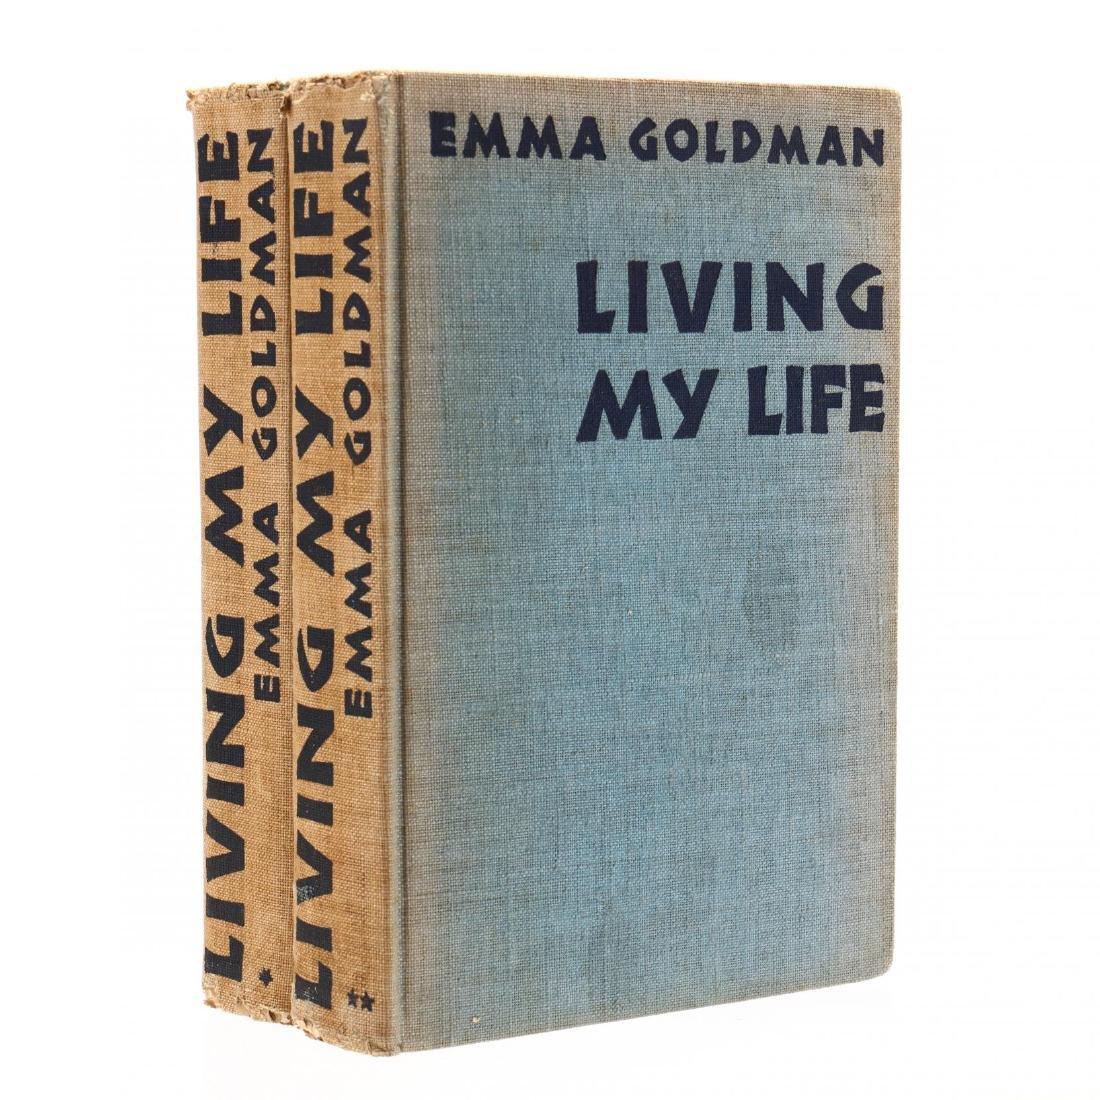 Goldman, Emma.  Living My Life